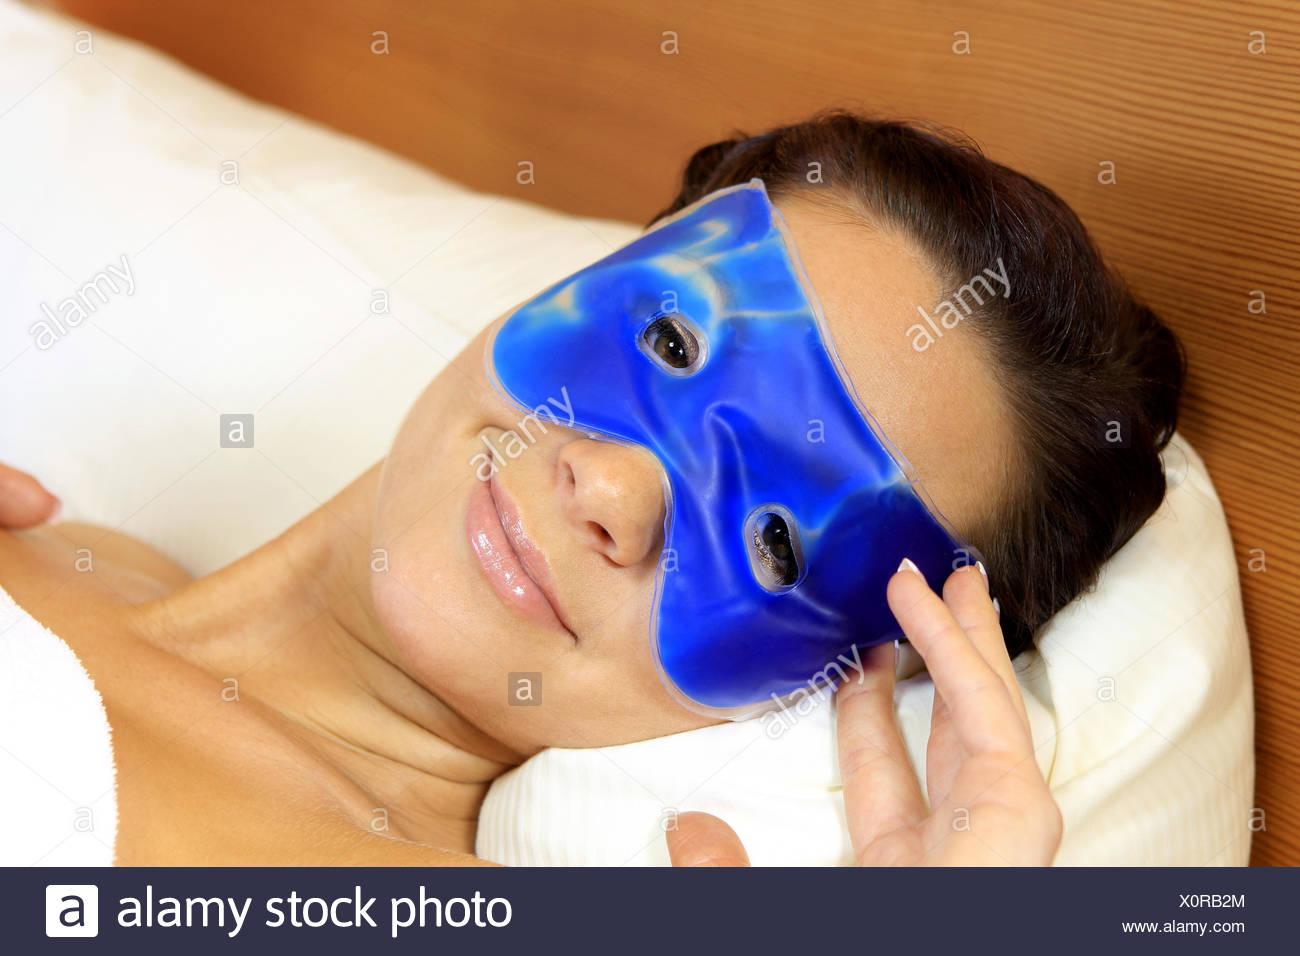 Junge Frau mit einer blauen Gelmaske, jovem mulher com uma máscara de gel azul, adulto, sozinho, bonito, beleza, brilhante, cuidado, branca Imagens de Stock